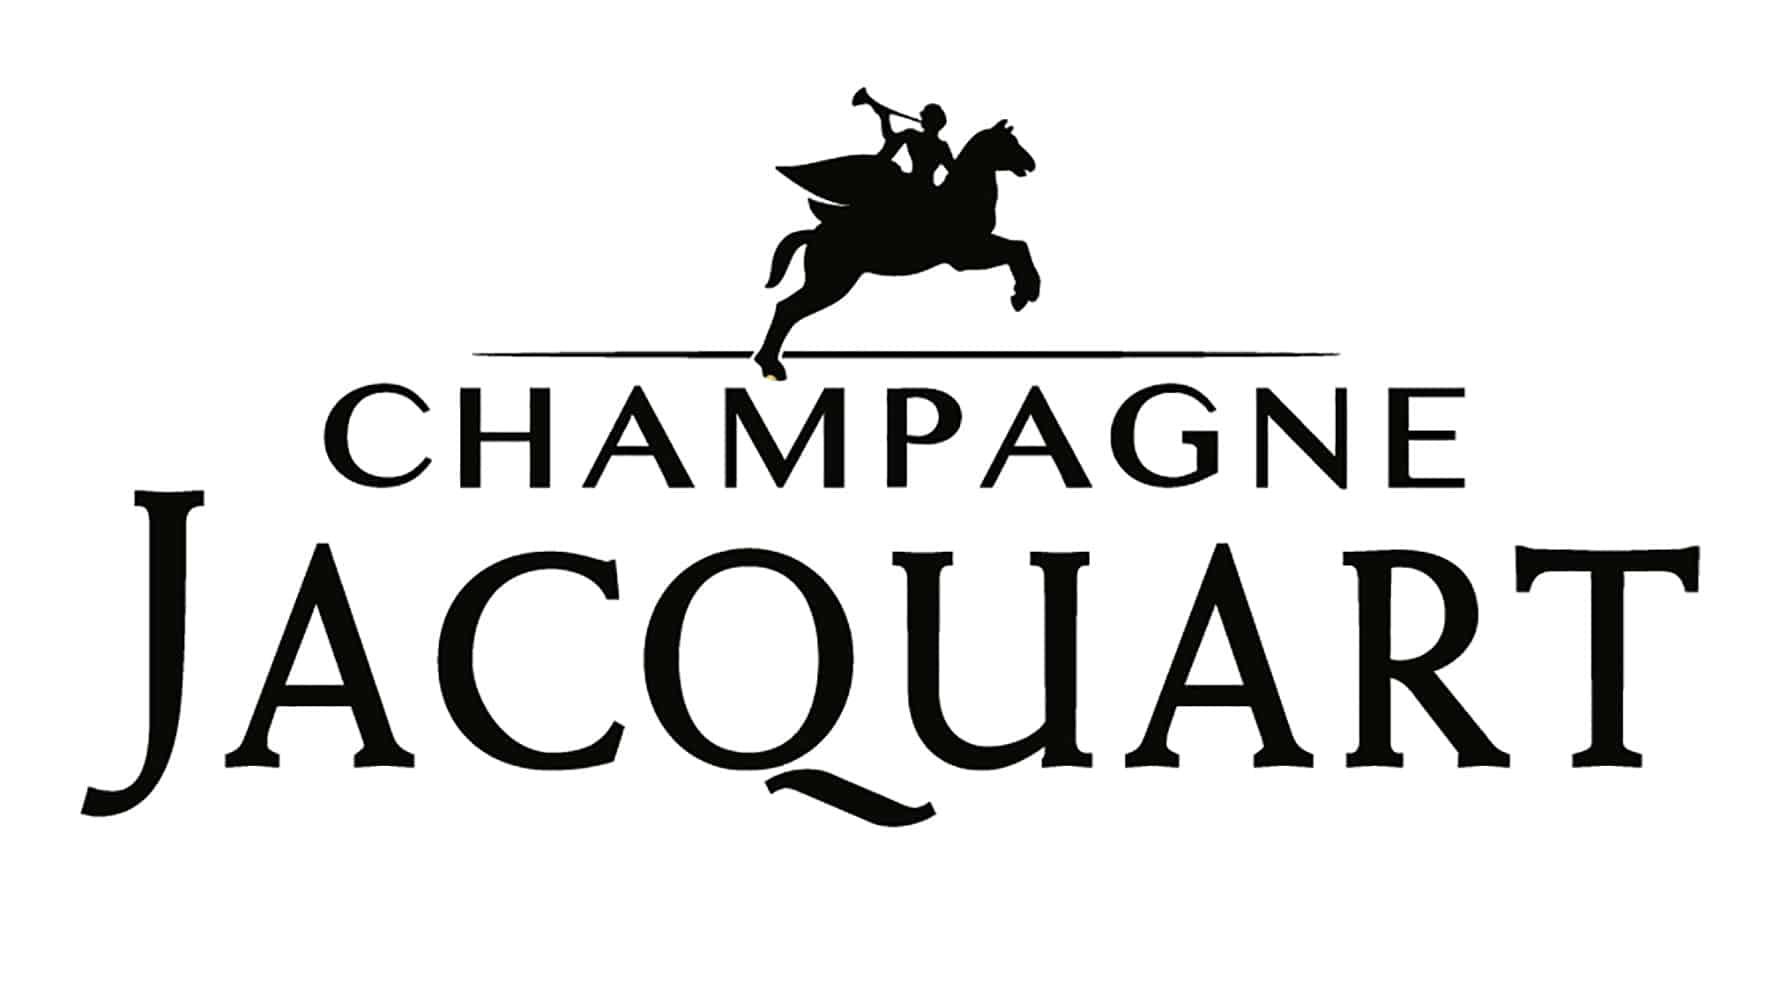 Jacquart Champagne Unique Grand Prix Package Sponsor